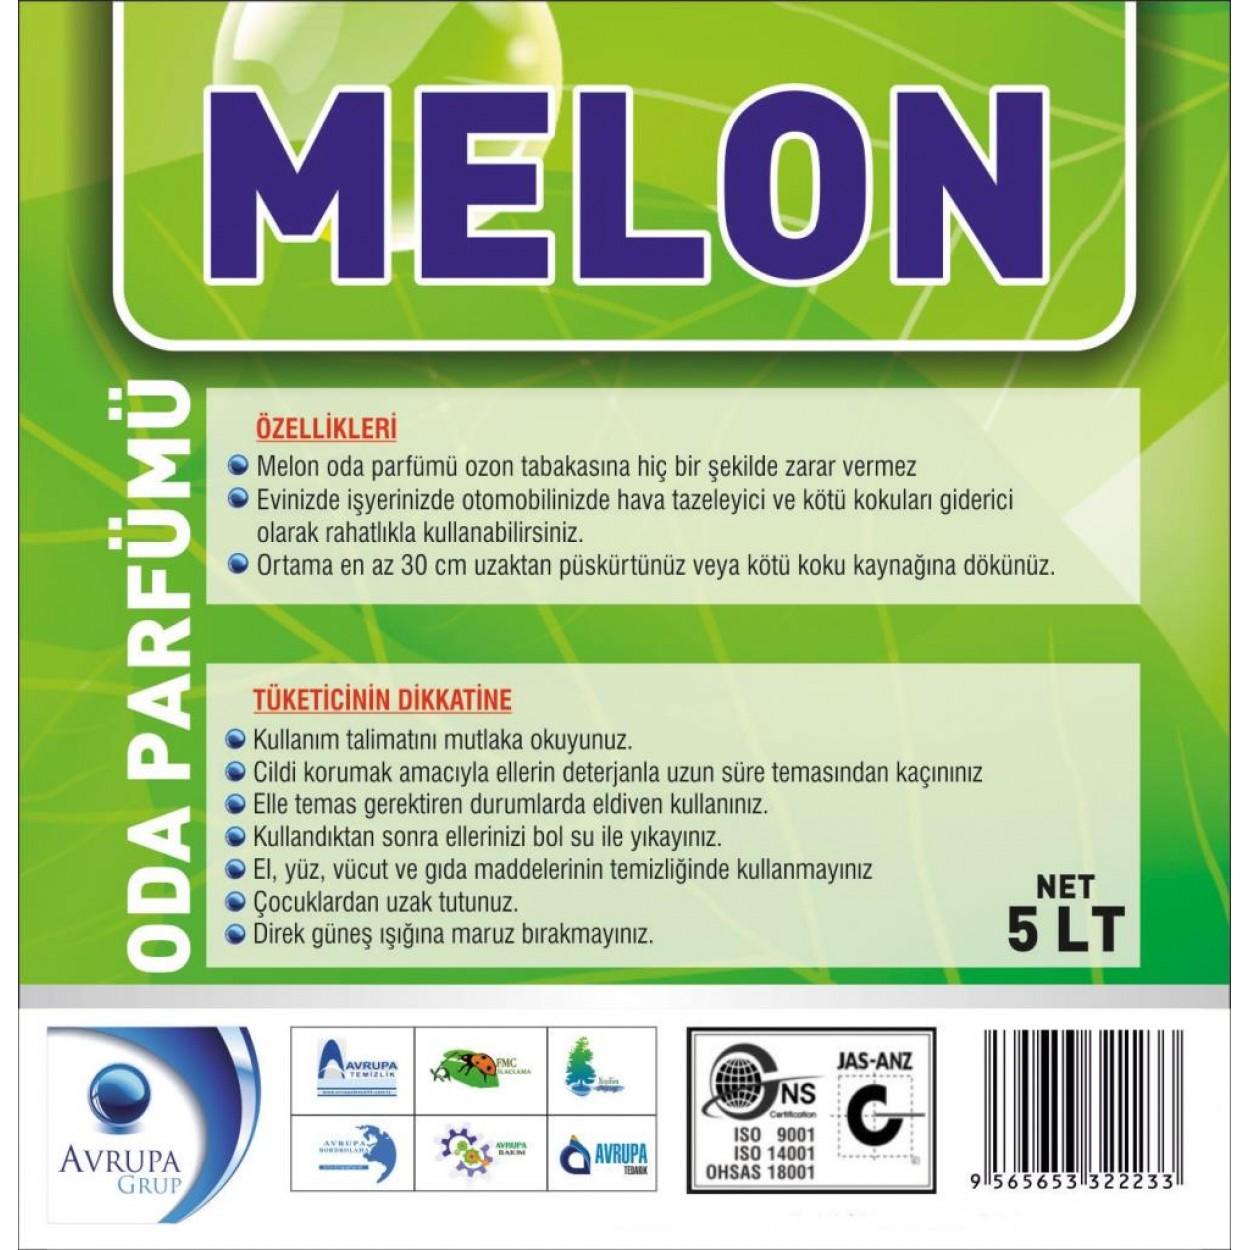 MELON Kötü Kokuları Gideren Hava Şartlandırıcı 5 Litre